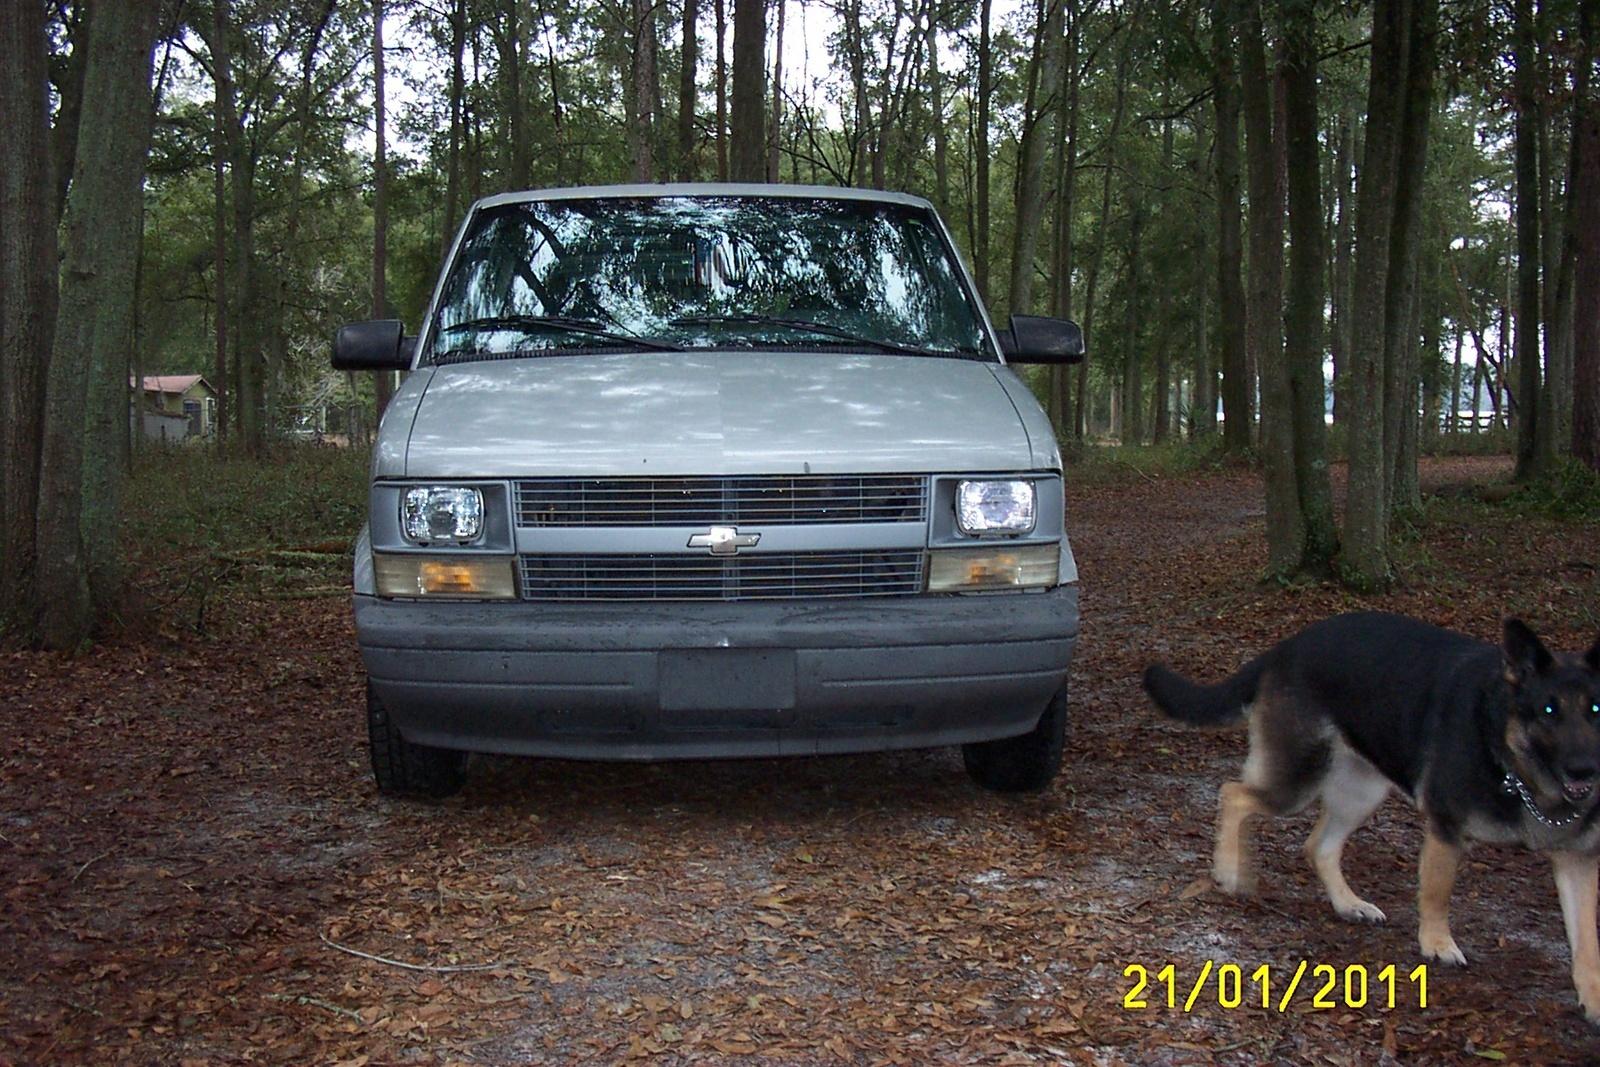 Chevrolet Astro Cargo Questions - Regular? MidGrade? or Premium